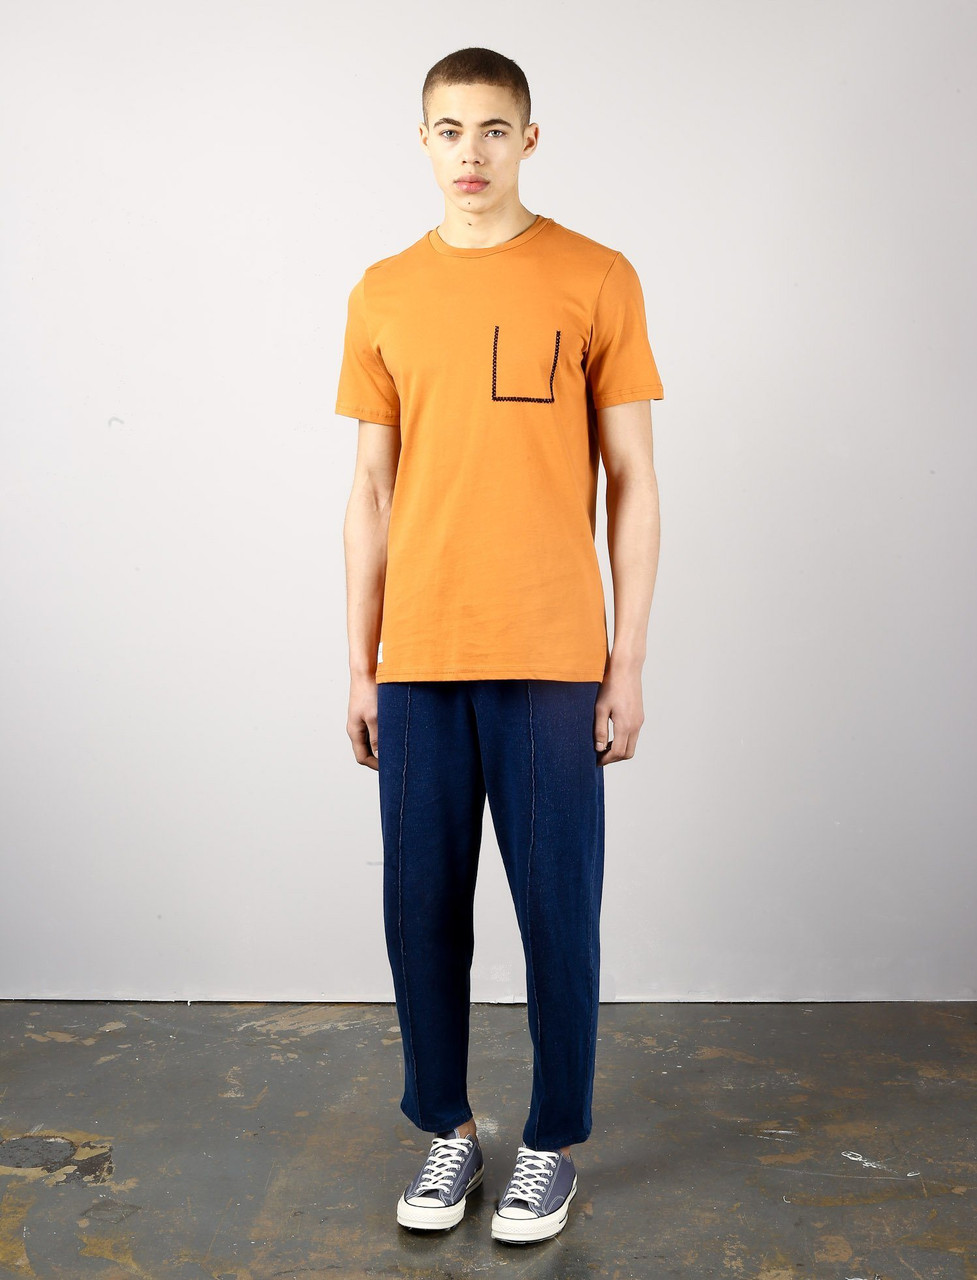 Orange Colourway With A Blank Stitch Mock Pocket